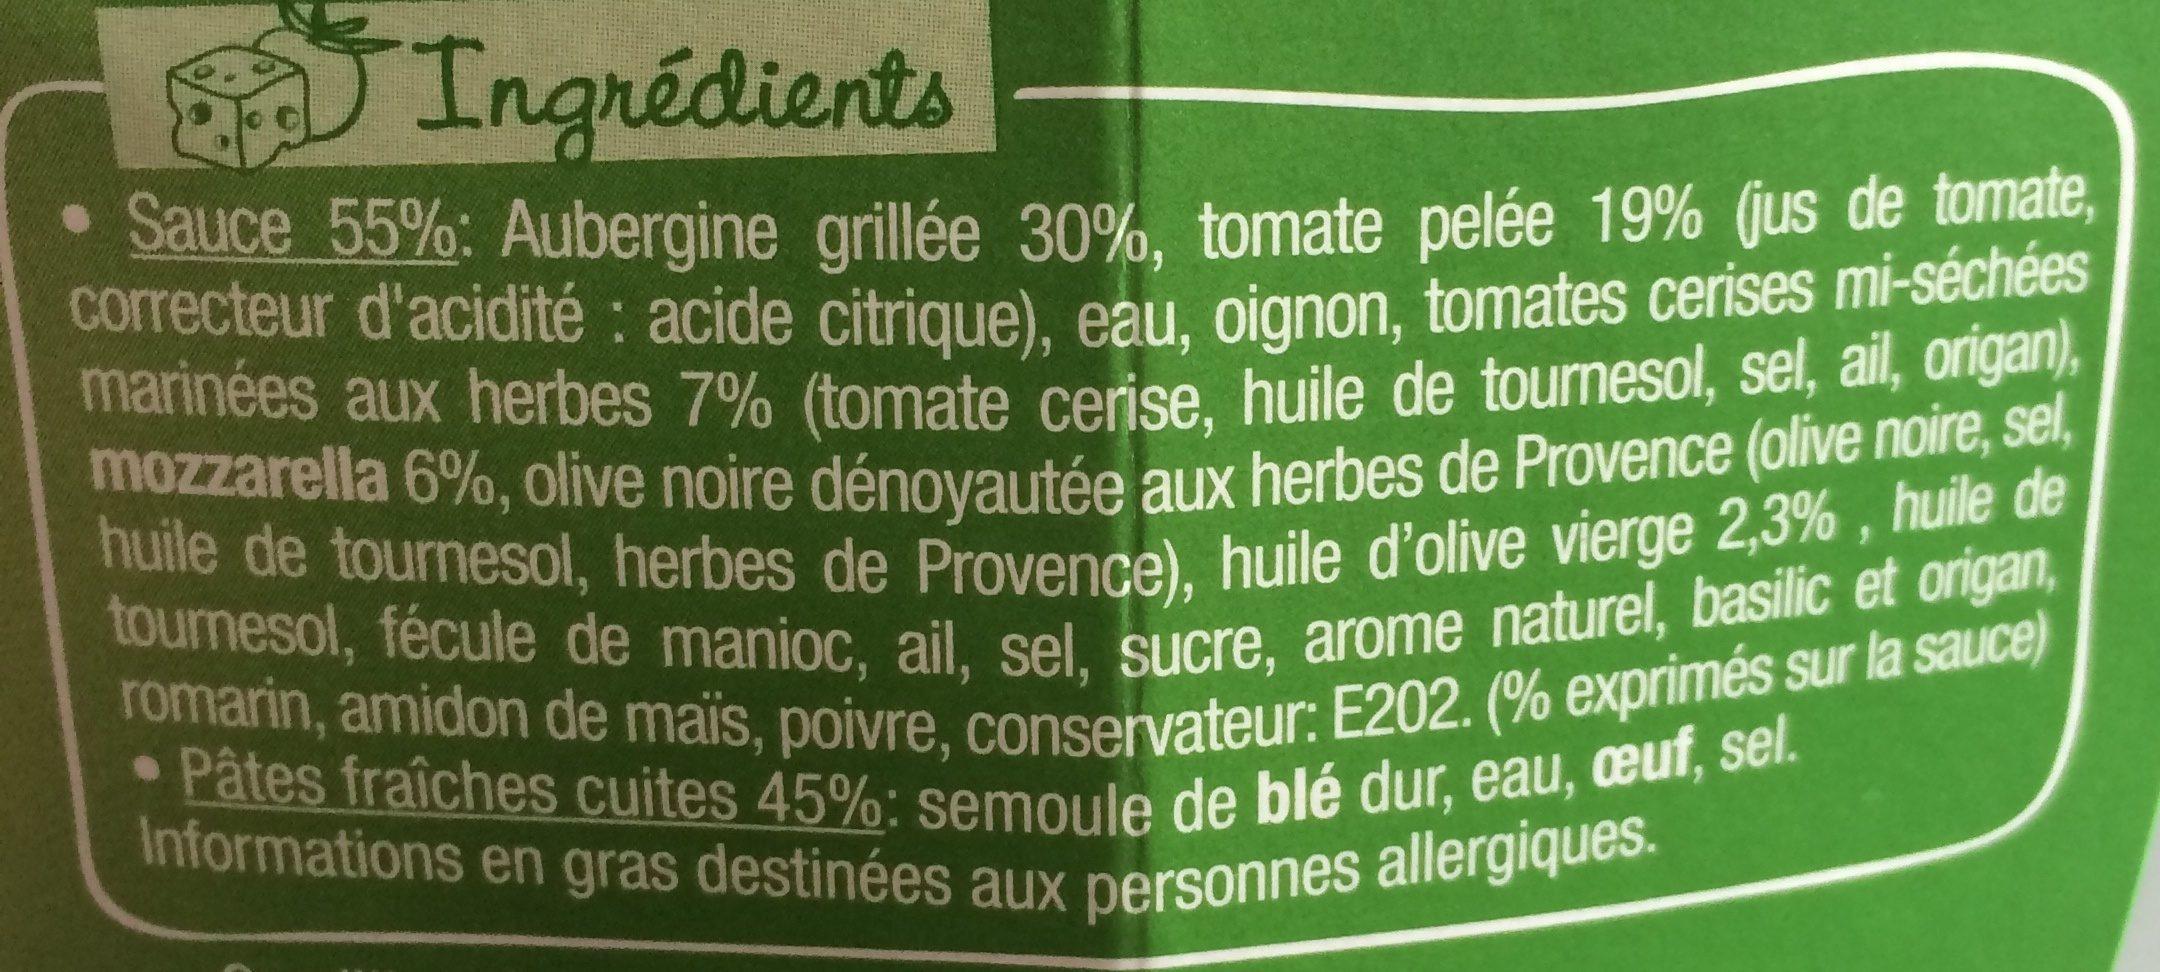 PastaBox - Fusilli aux Aubergines et Tomates cuisinées - Ingrédients - fr